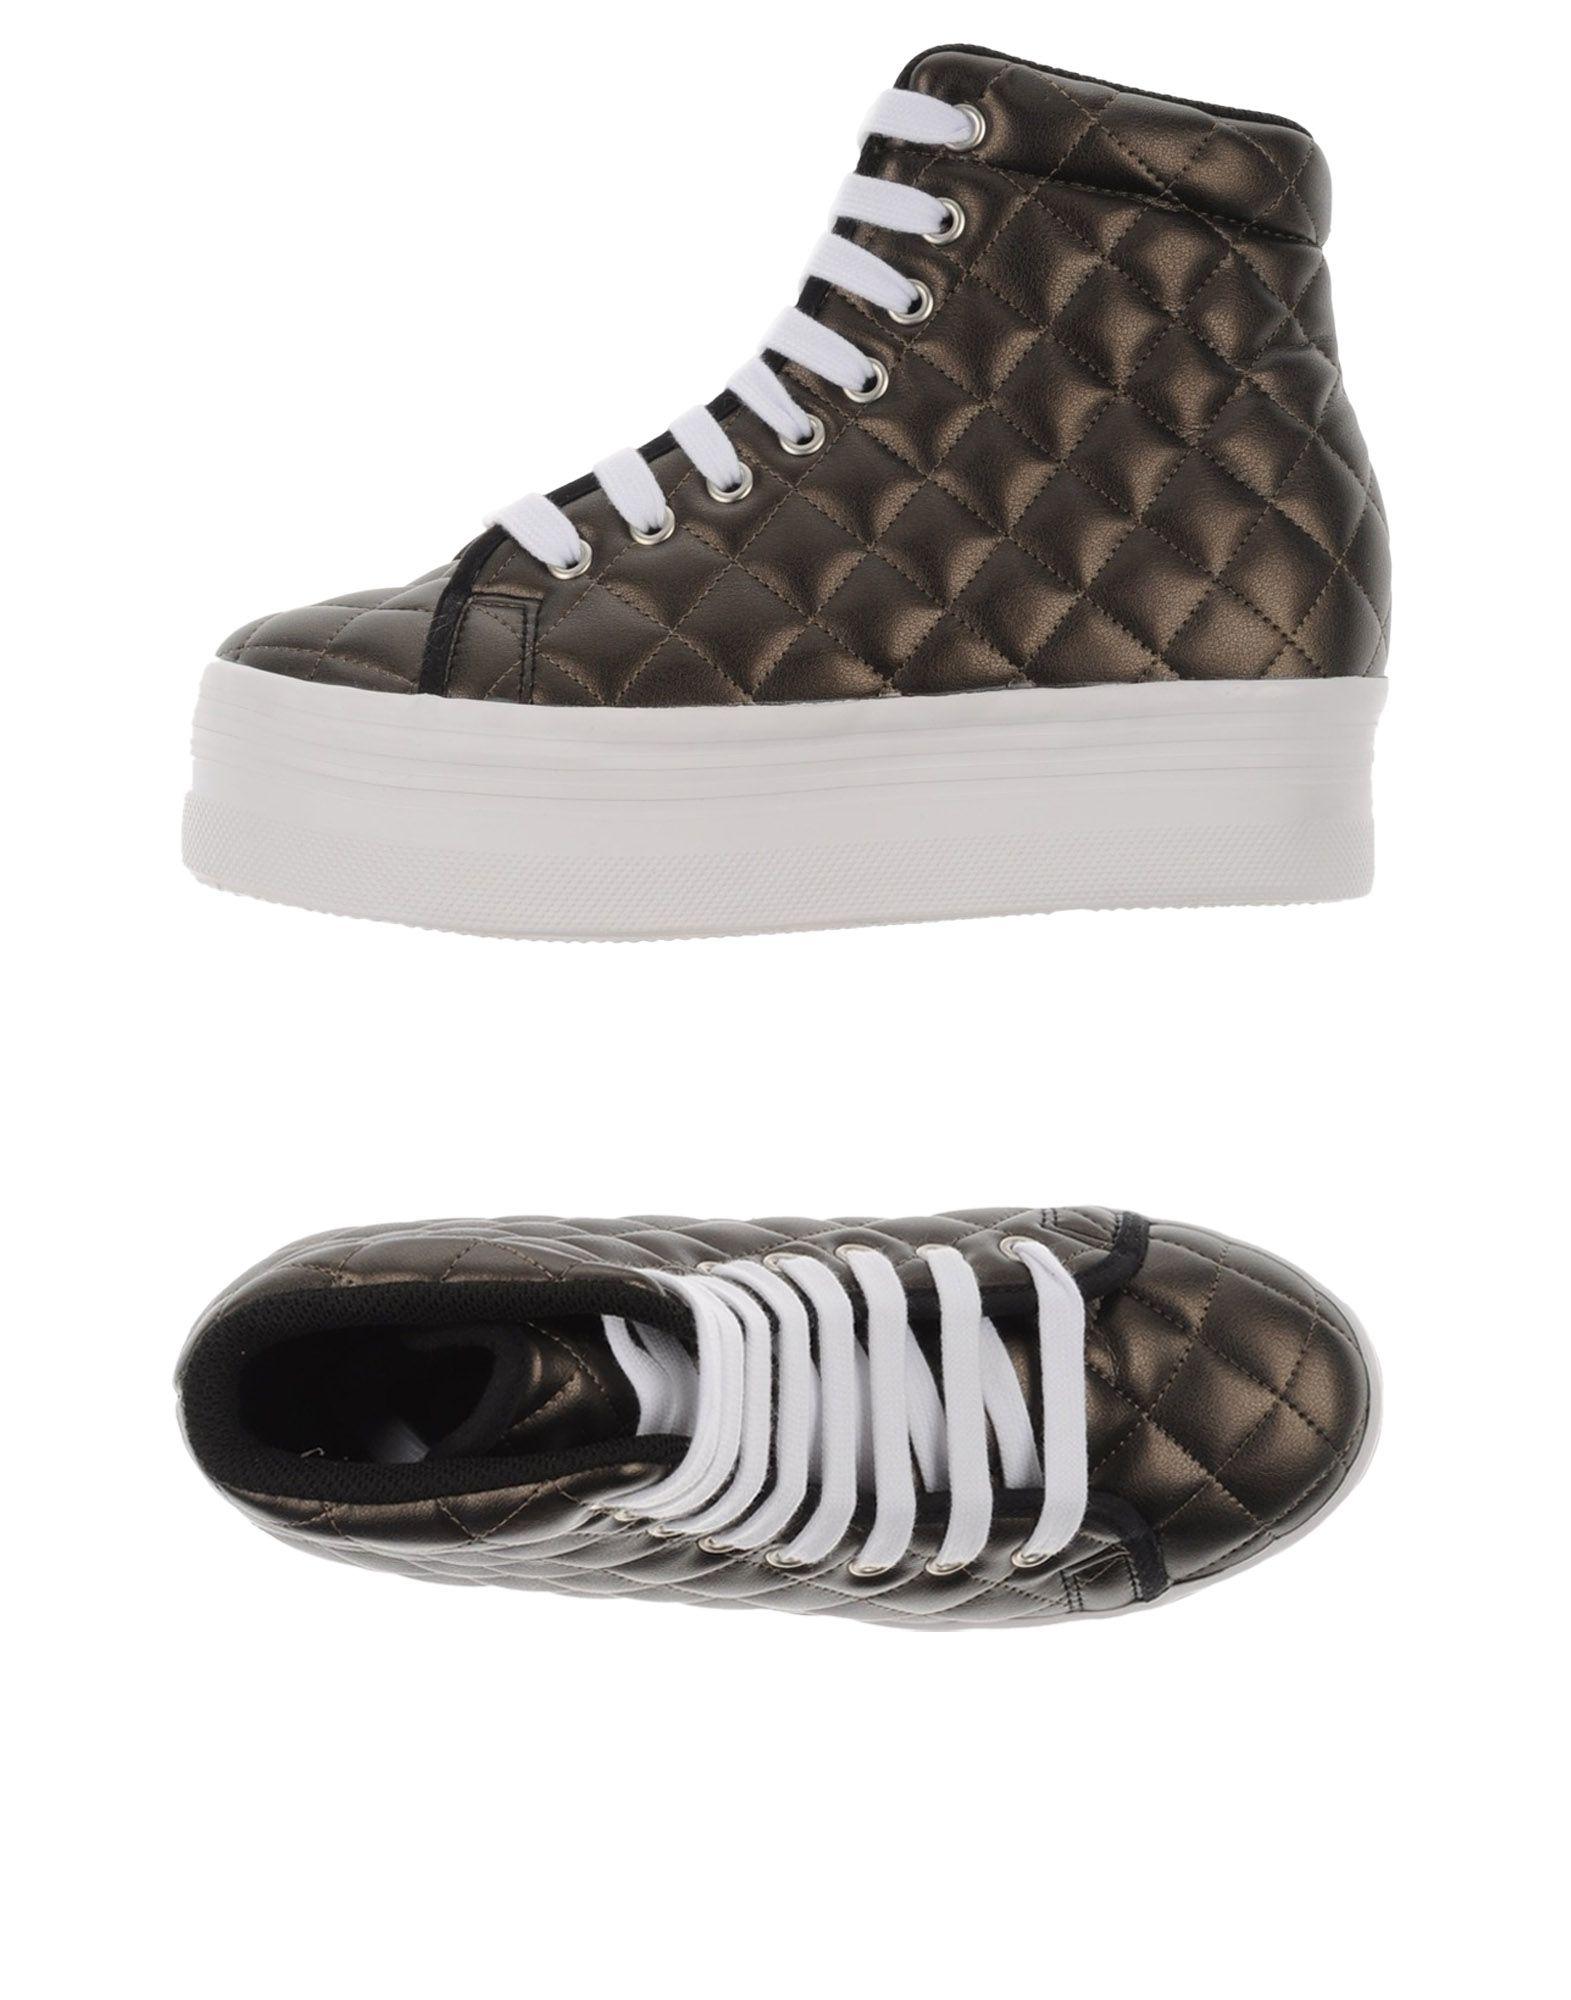 Jc Play By Jeffrey Campbell Sneakers Damen  11012997CX Gute Qualität beliebte Schuhe